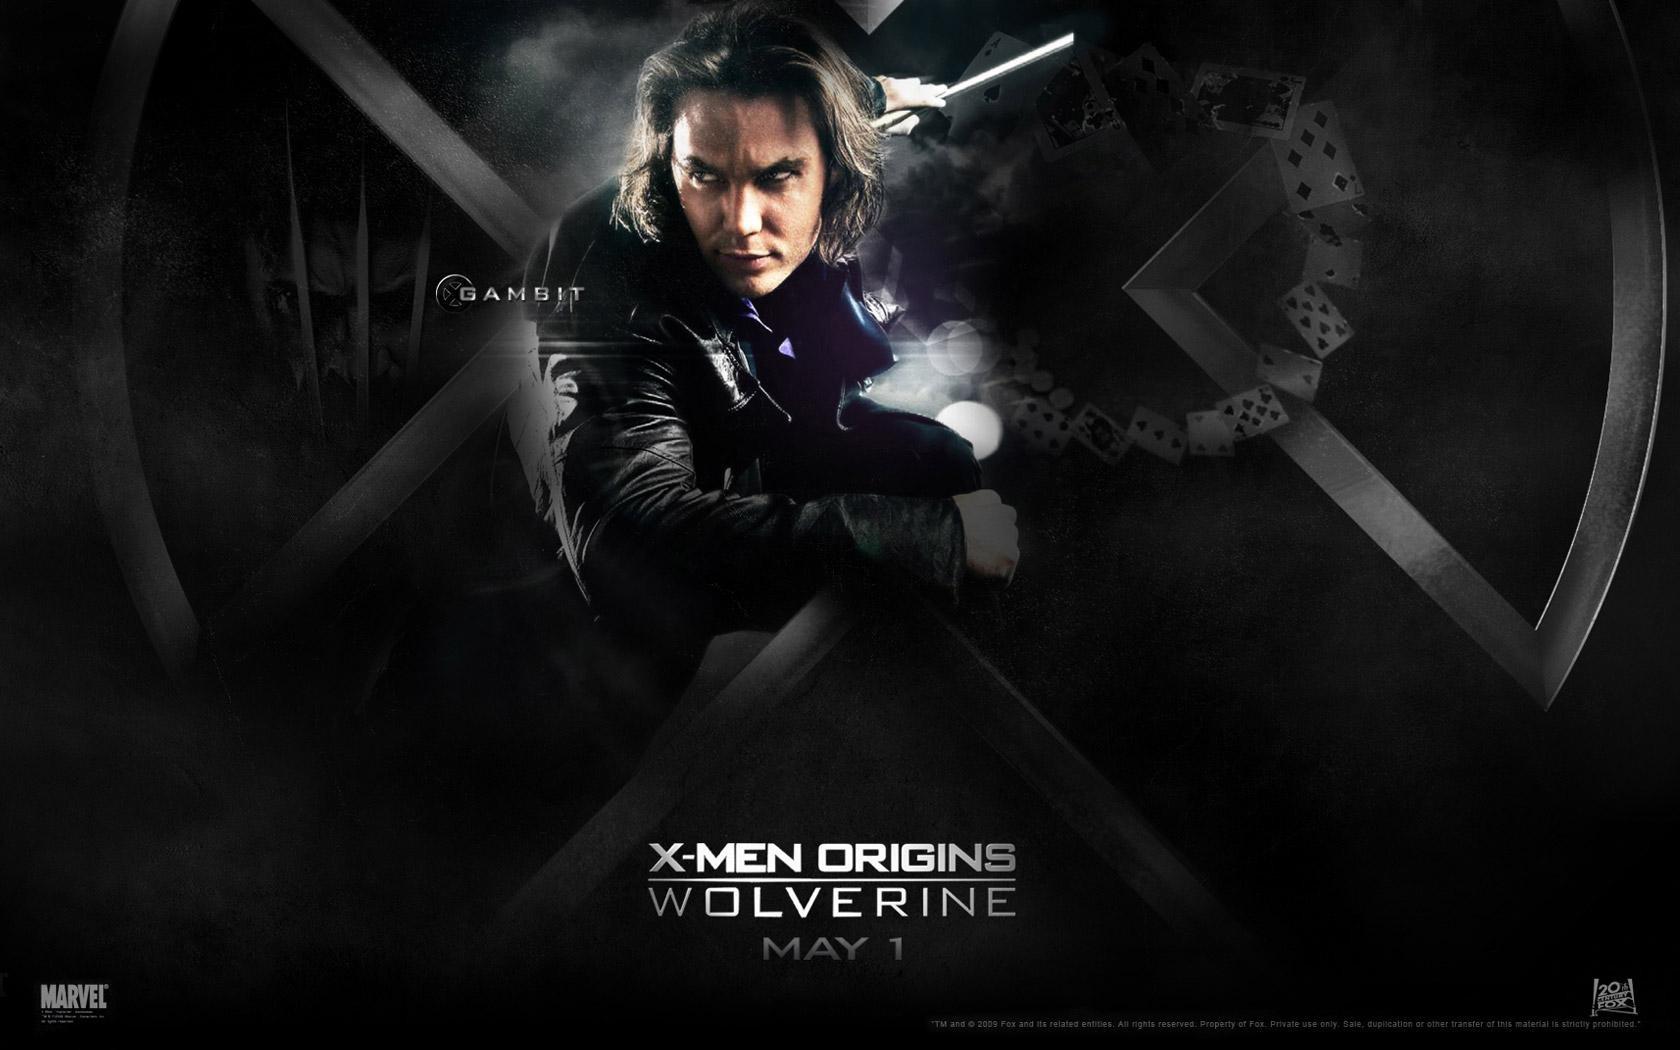 Un wallaper del film X-Men - Le origini: Wolverine con Taylor Kitsch, interprete di Gambit